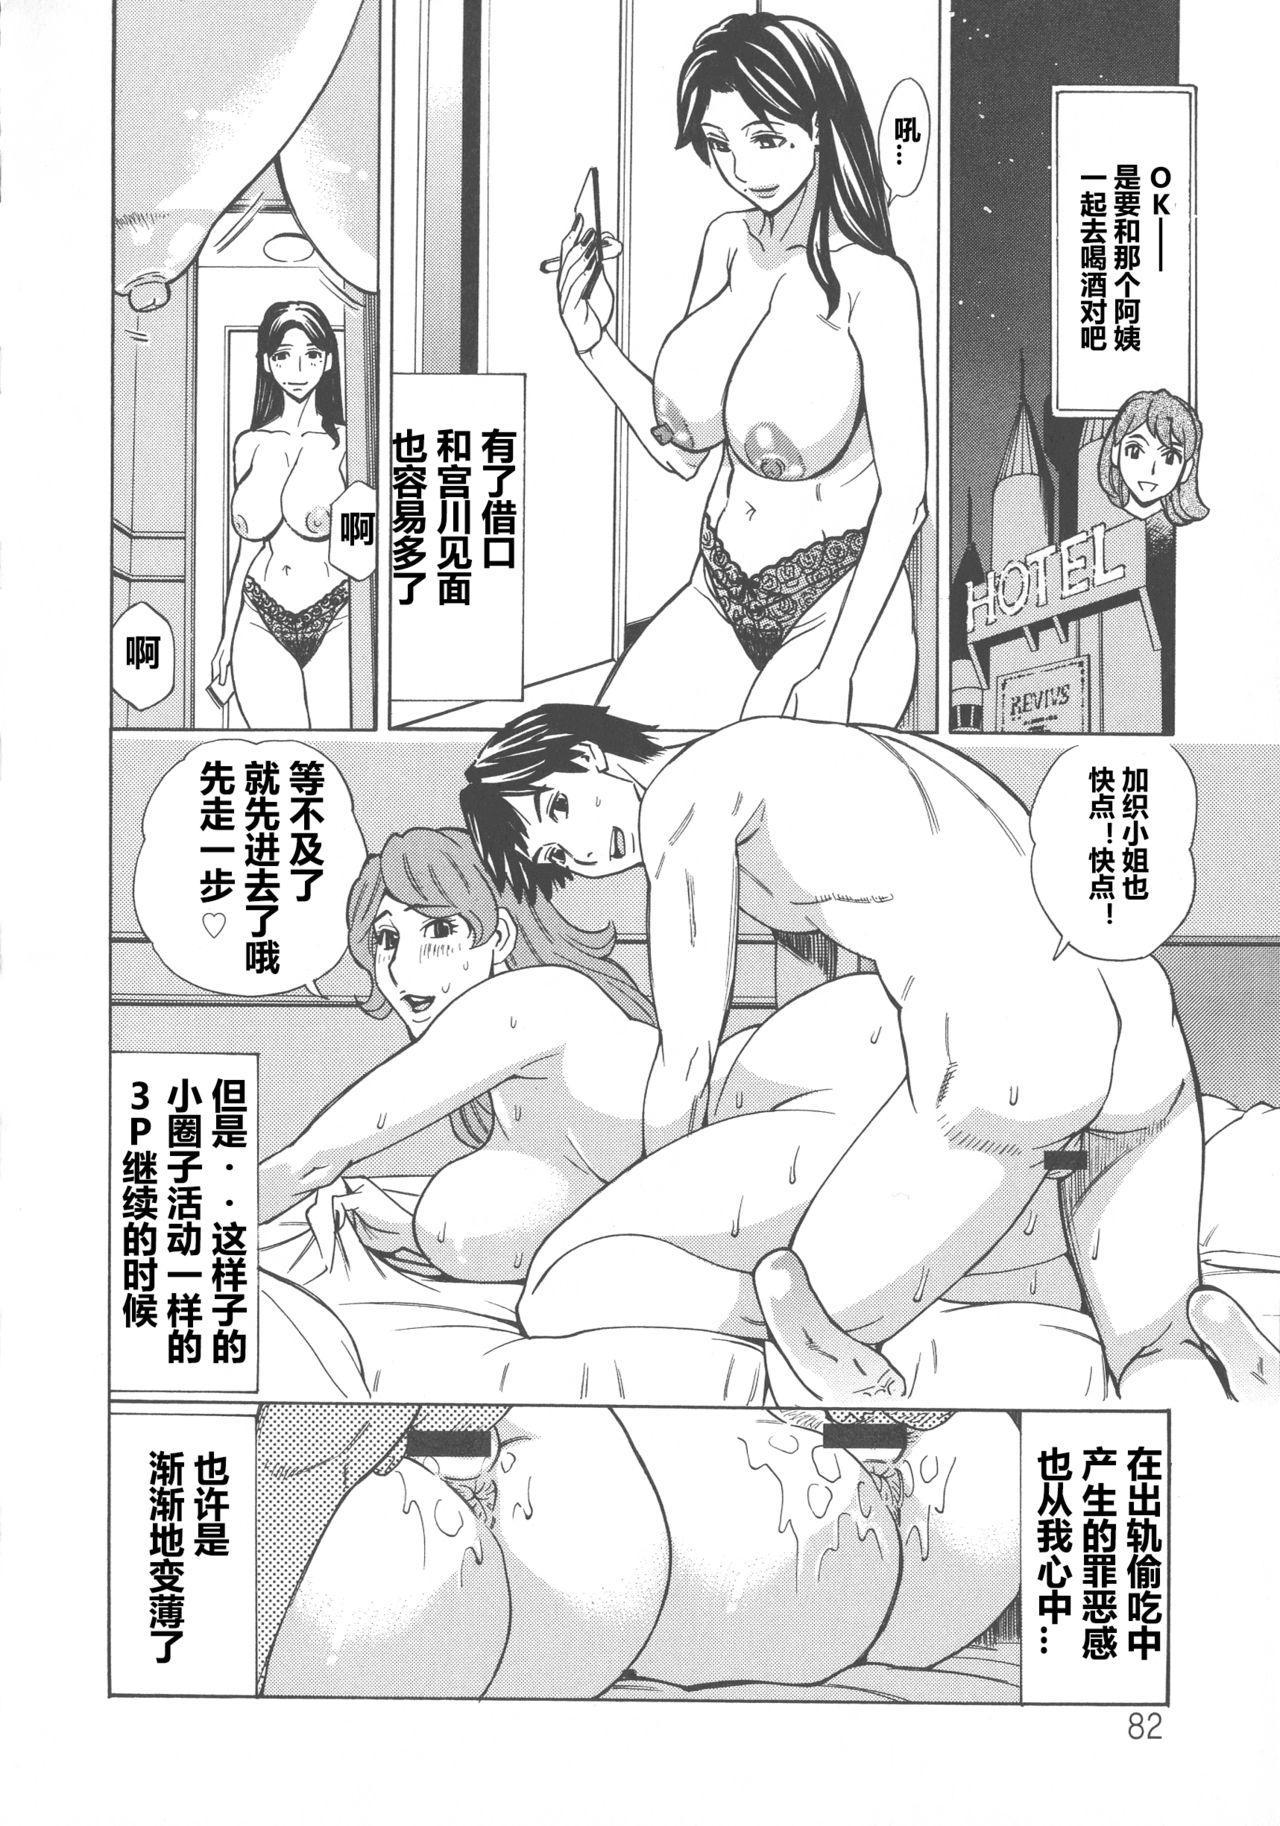 Hitozuma Koi Hanabi ~ Hajimete no Furin ga 3P ni Itaru made .04(chinese)【每天一发的个人汉化】 18